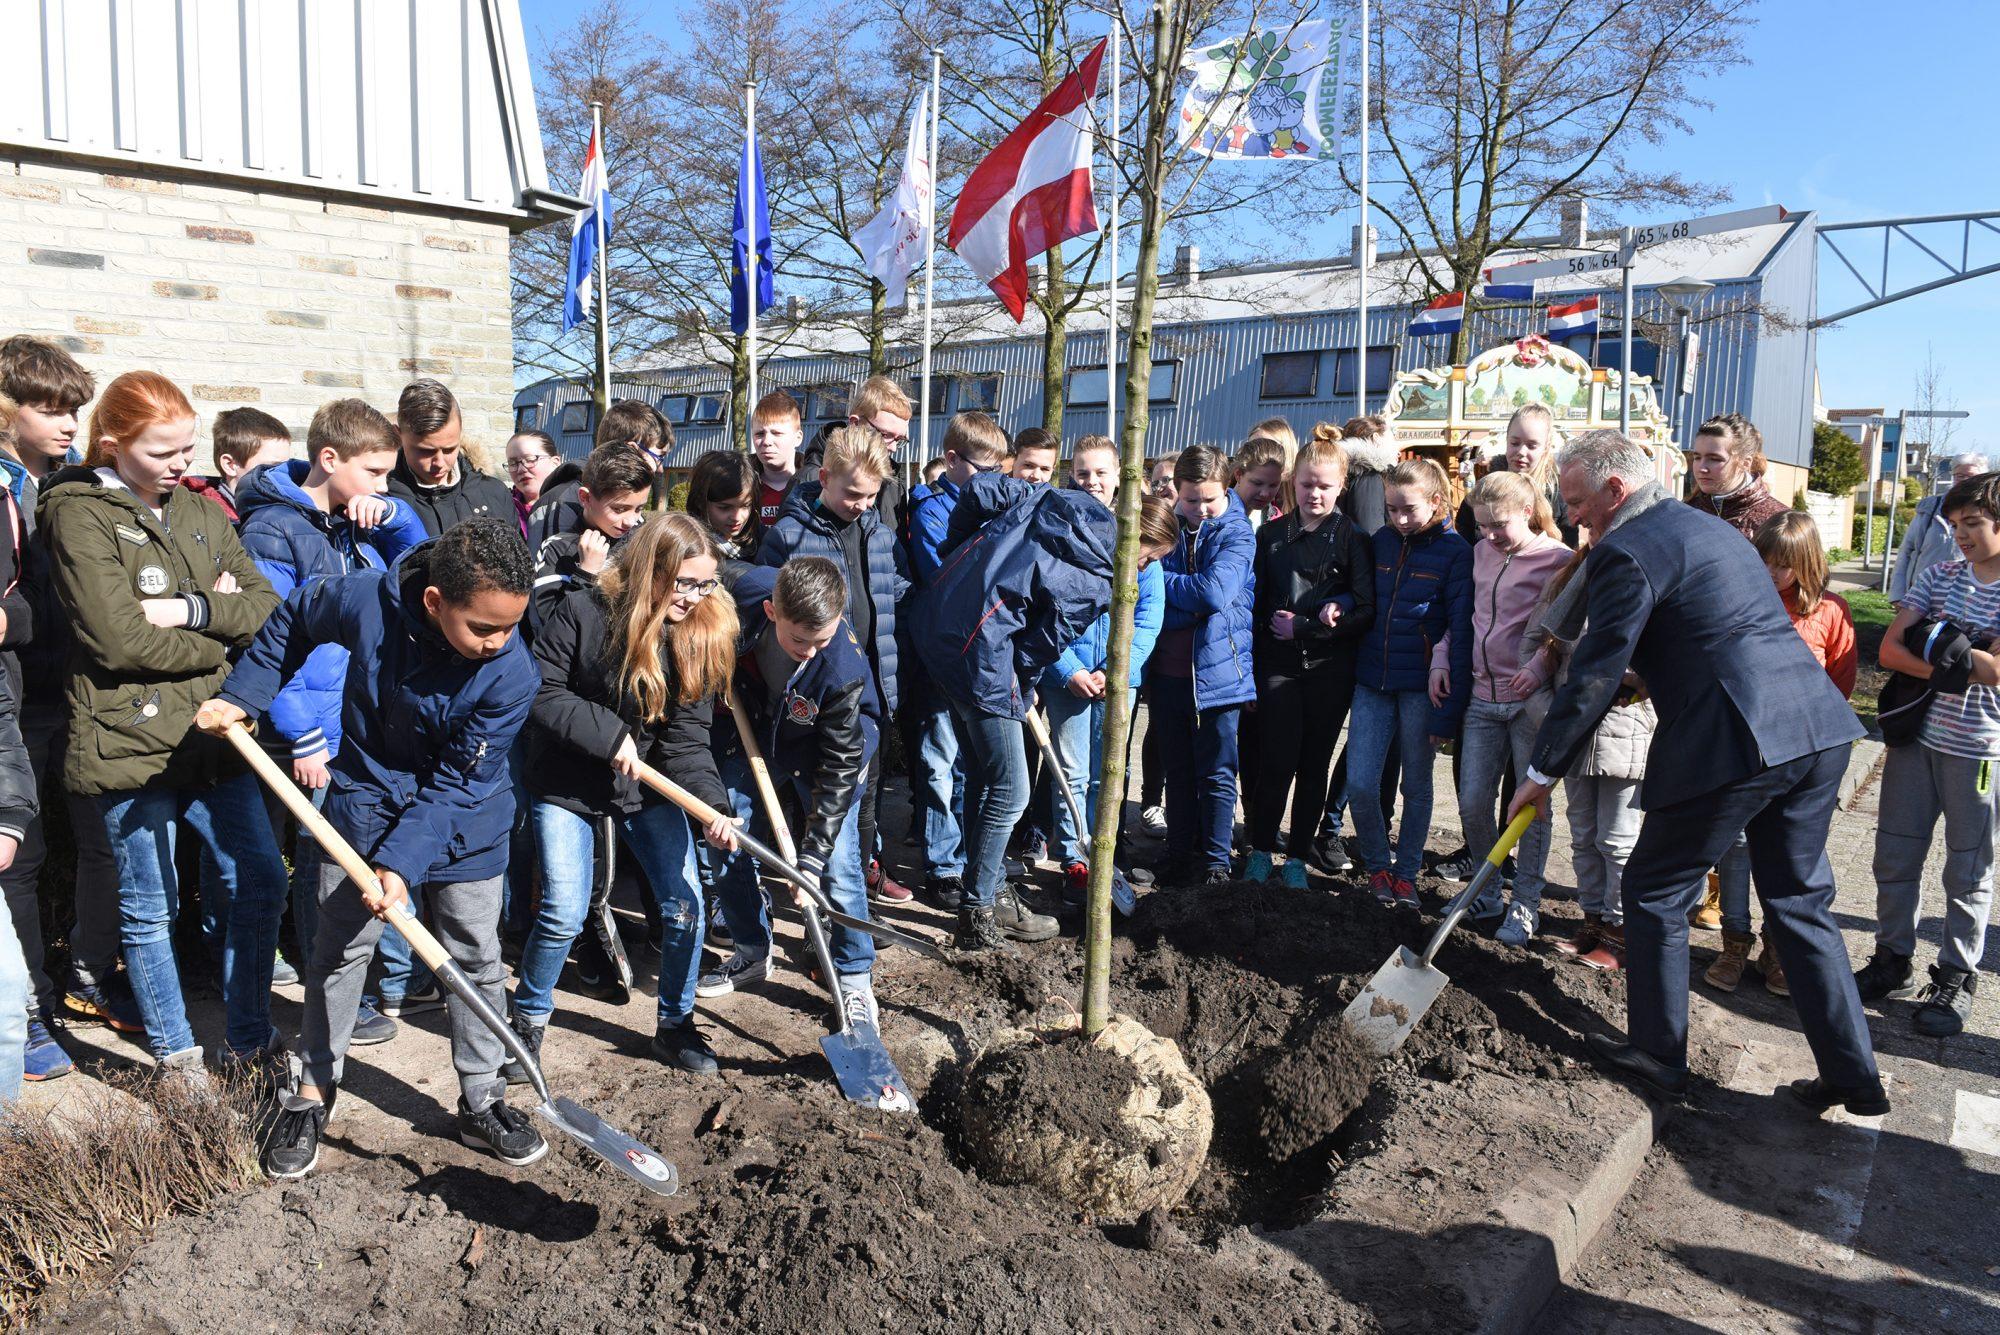 Kinderen planten 43 bomen tijdens Boomfeestdag in Hoorn